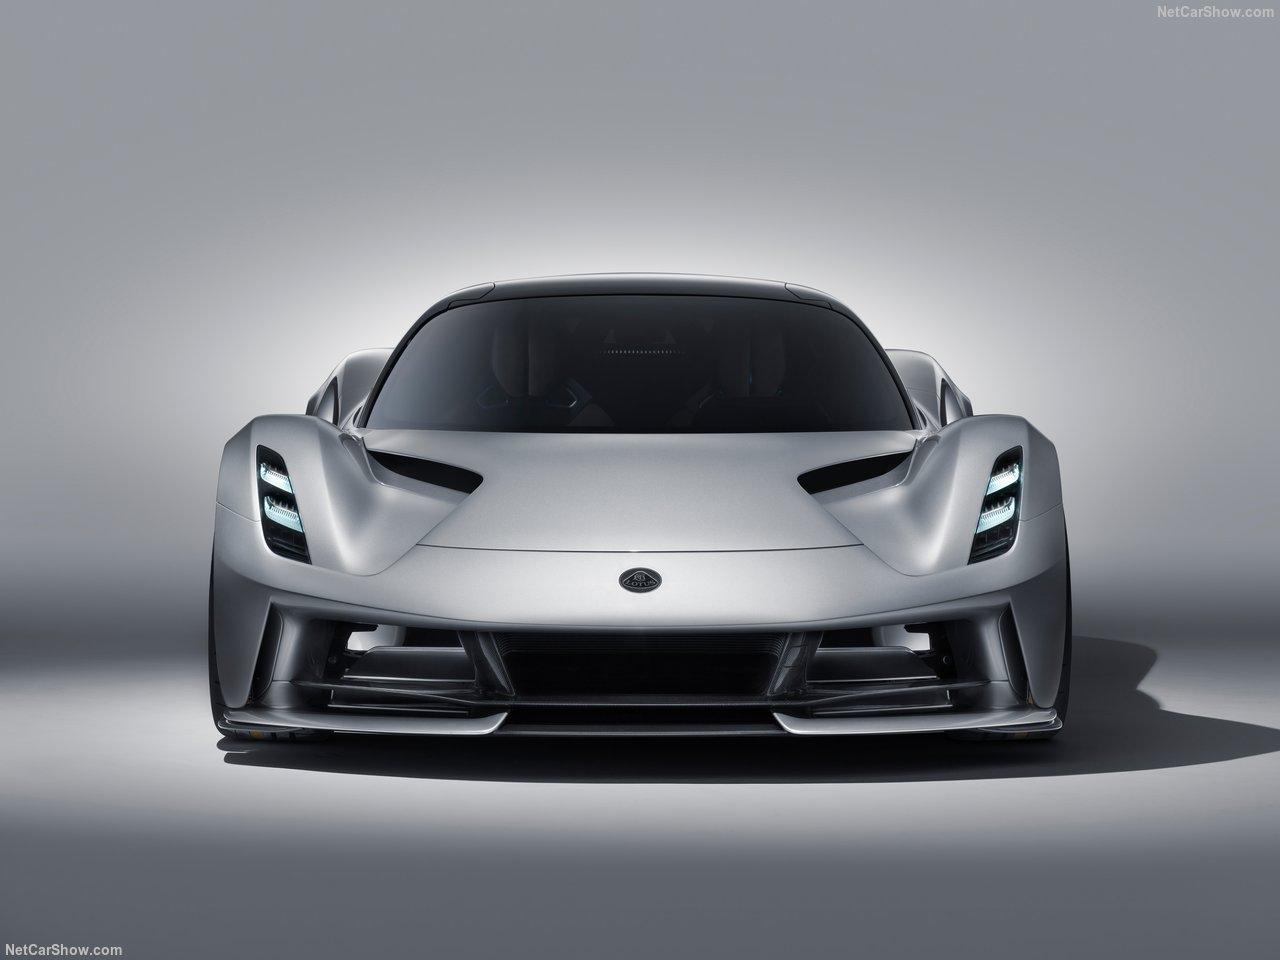 Lotus-Evija-2020-1280-05.jpg